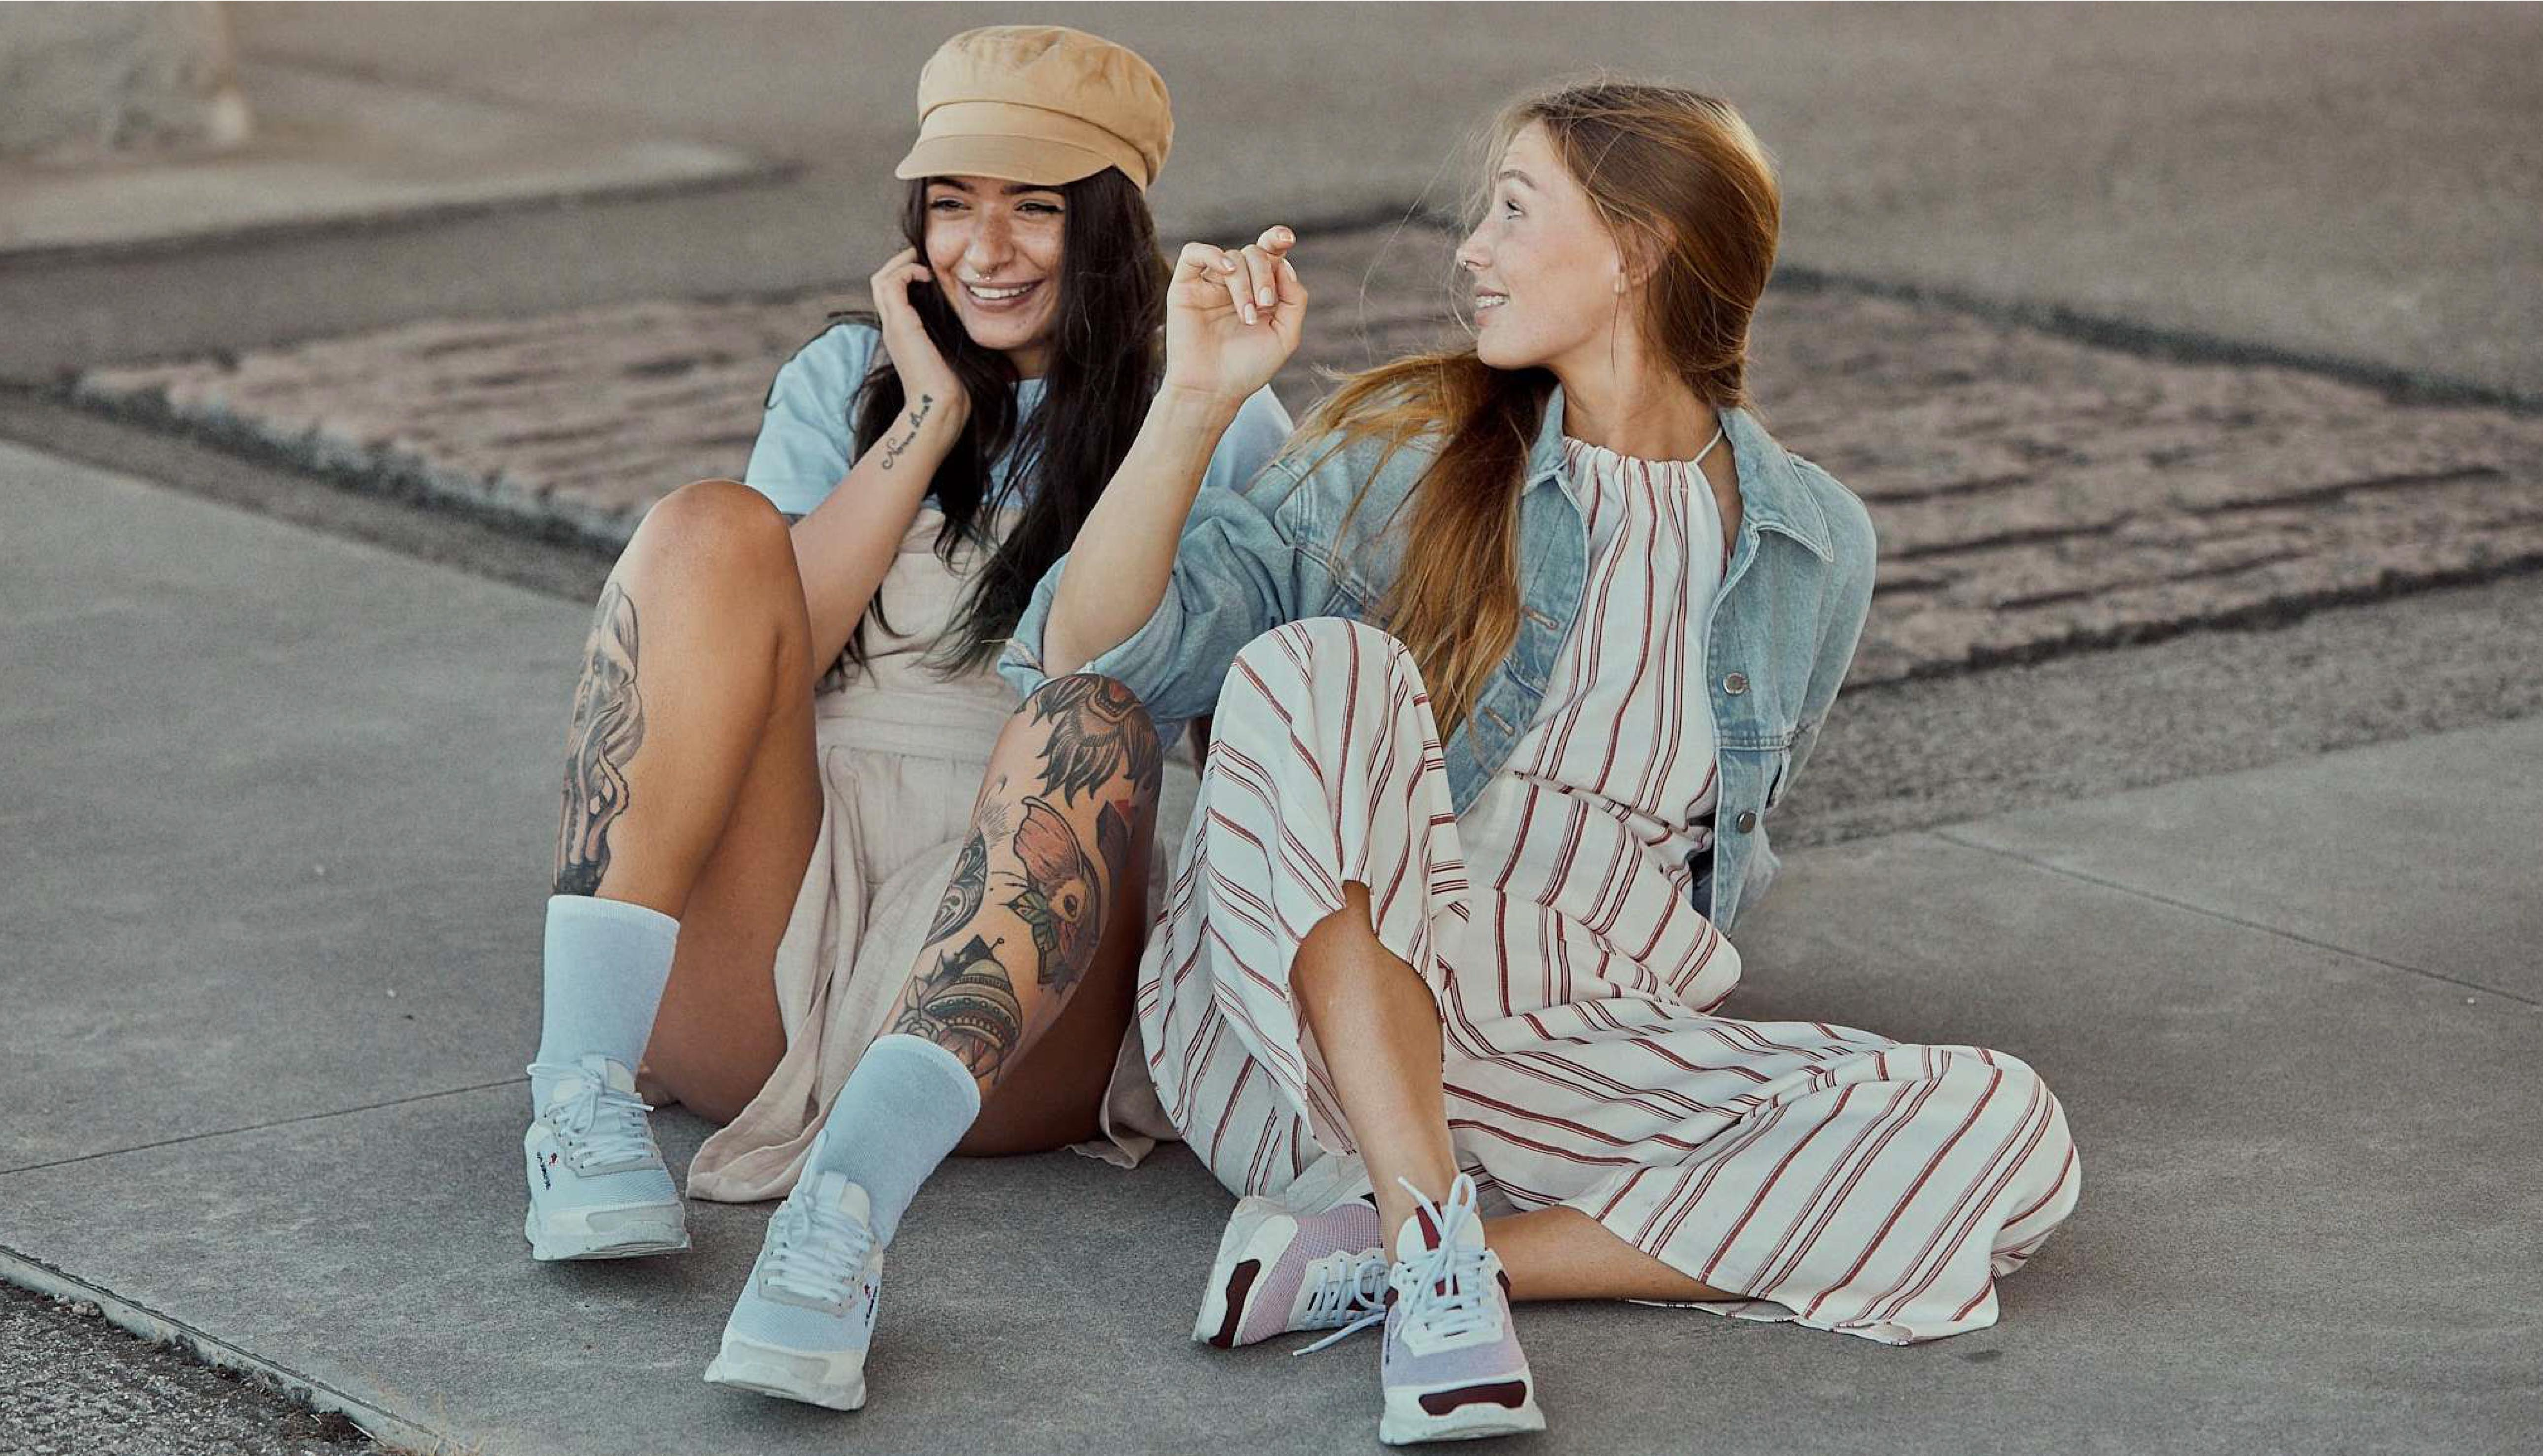 Street & Life de Beflamboyant, zapatillas veganas, sostenibles, urbanas y chic